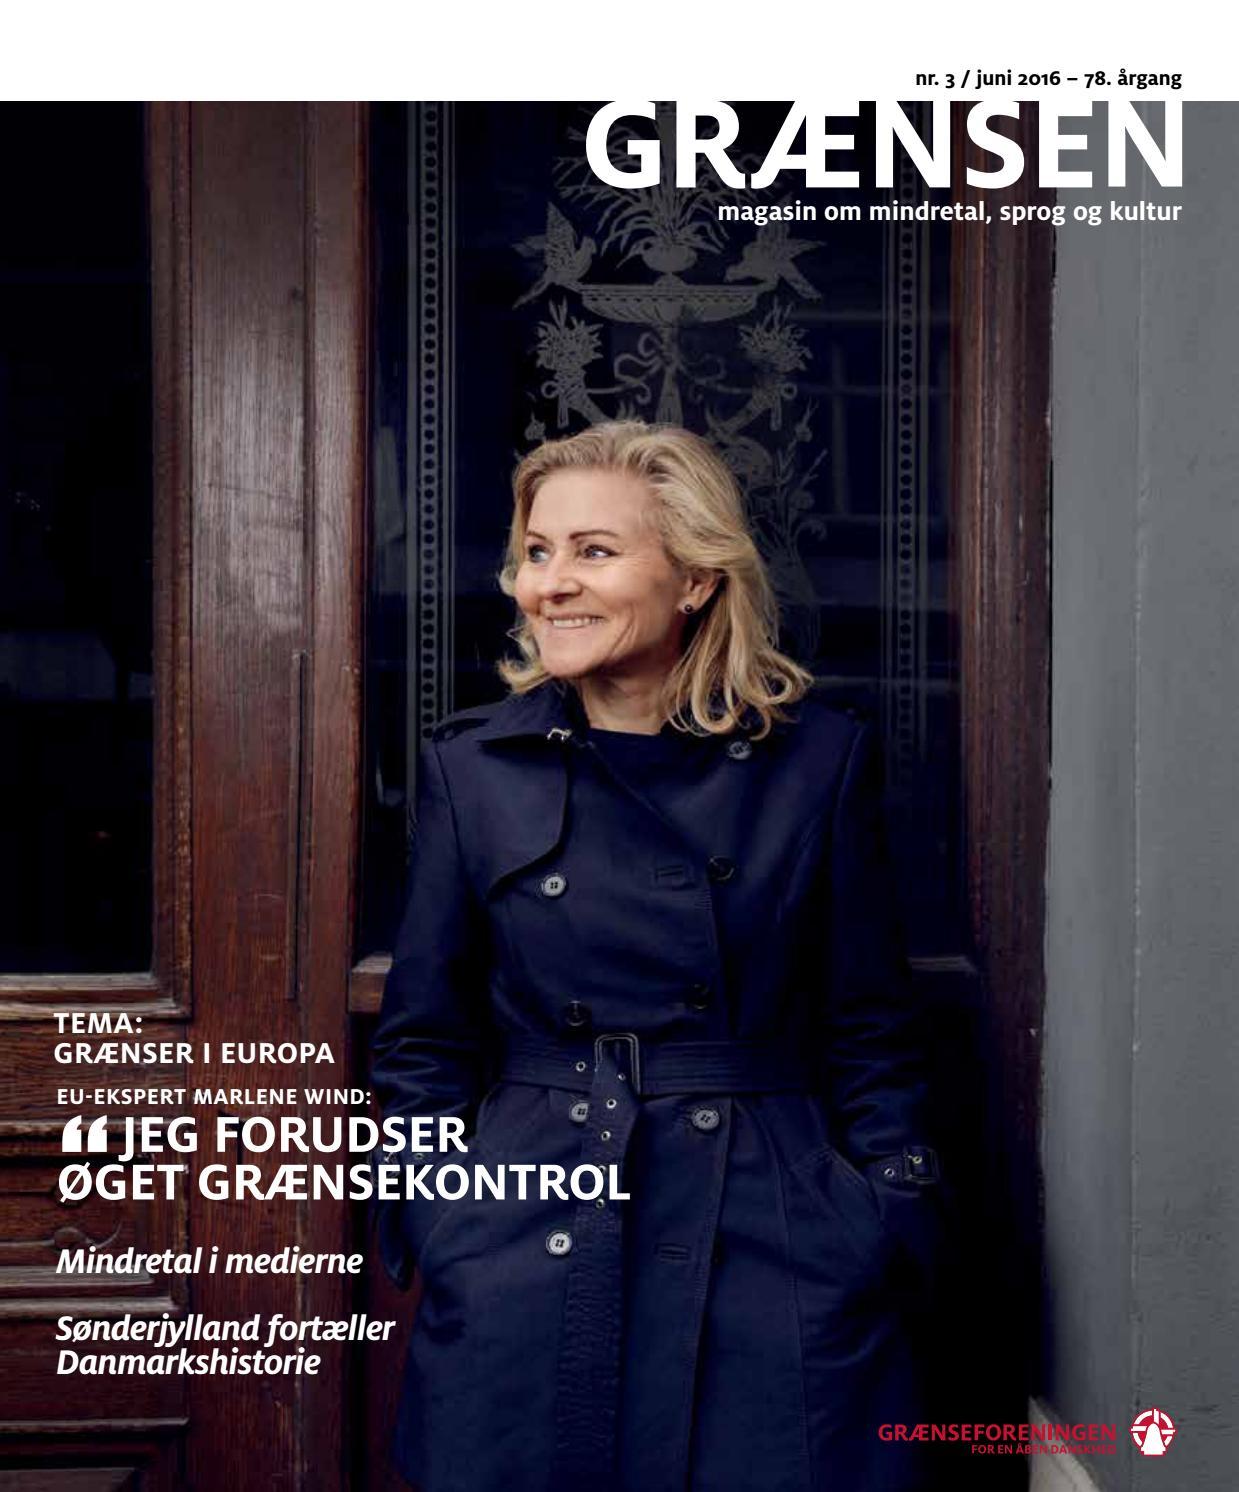 9ff17b1888b5 GRÆNSEN - magasin for mindretal